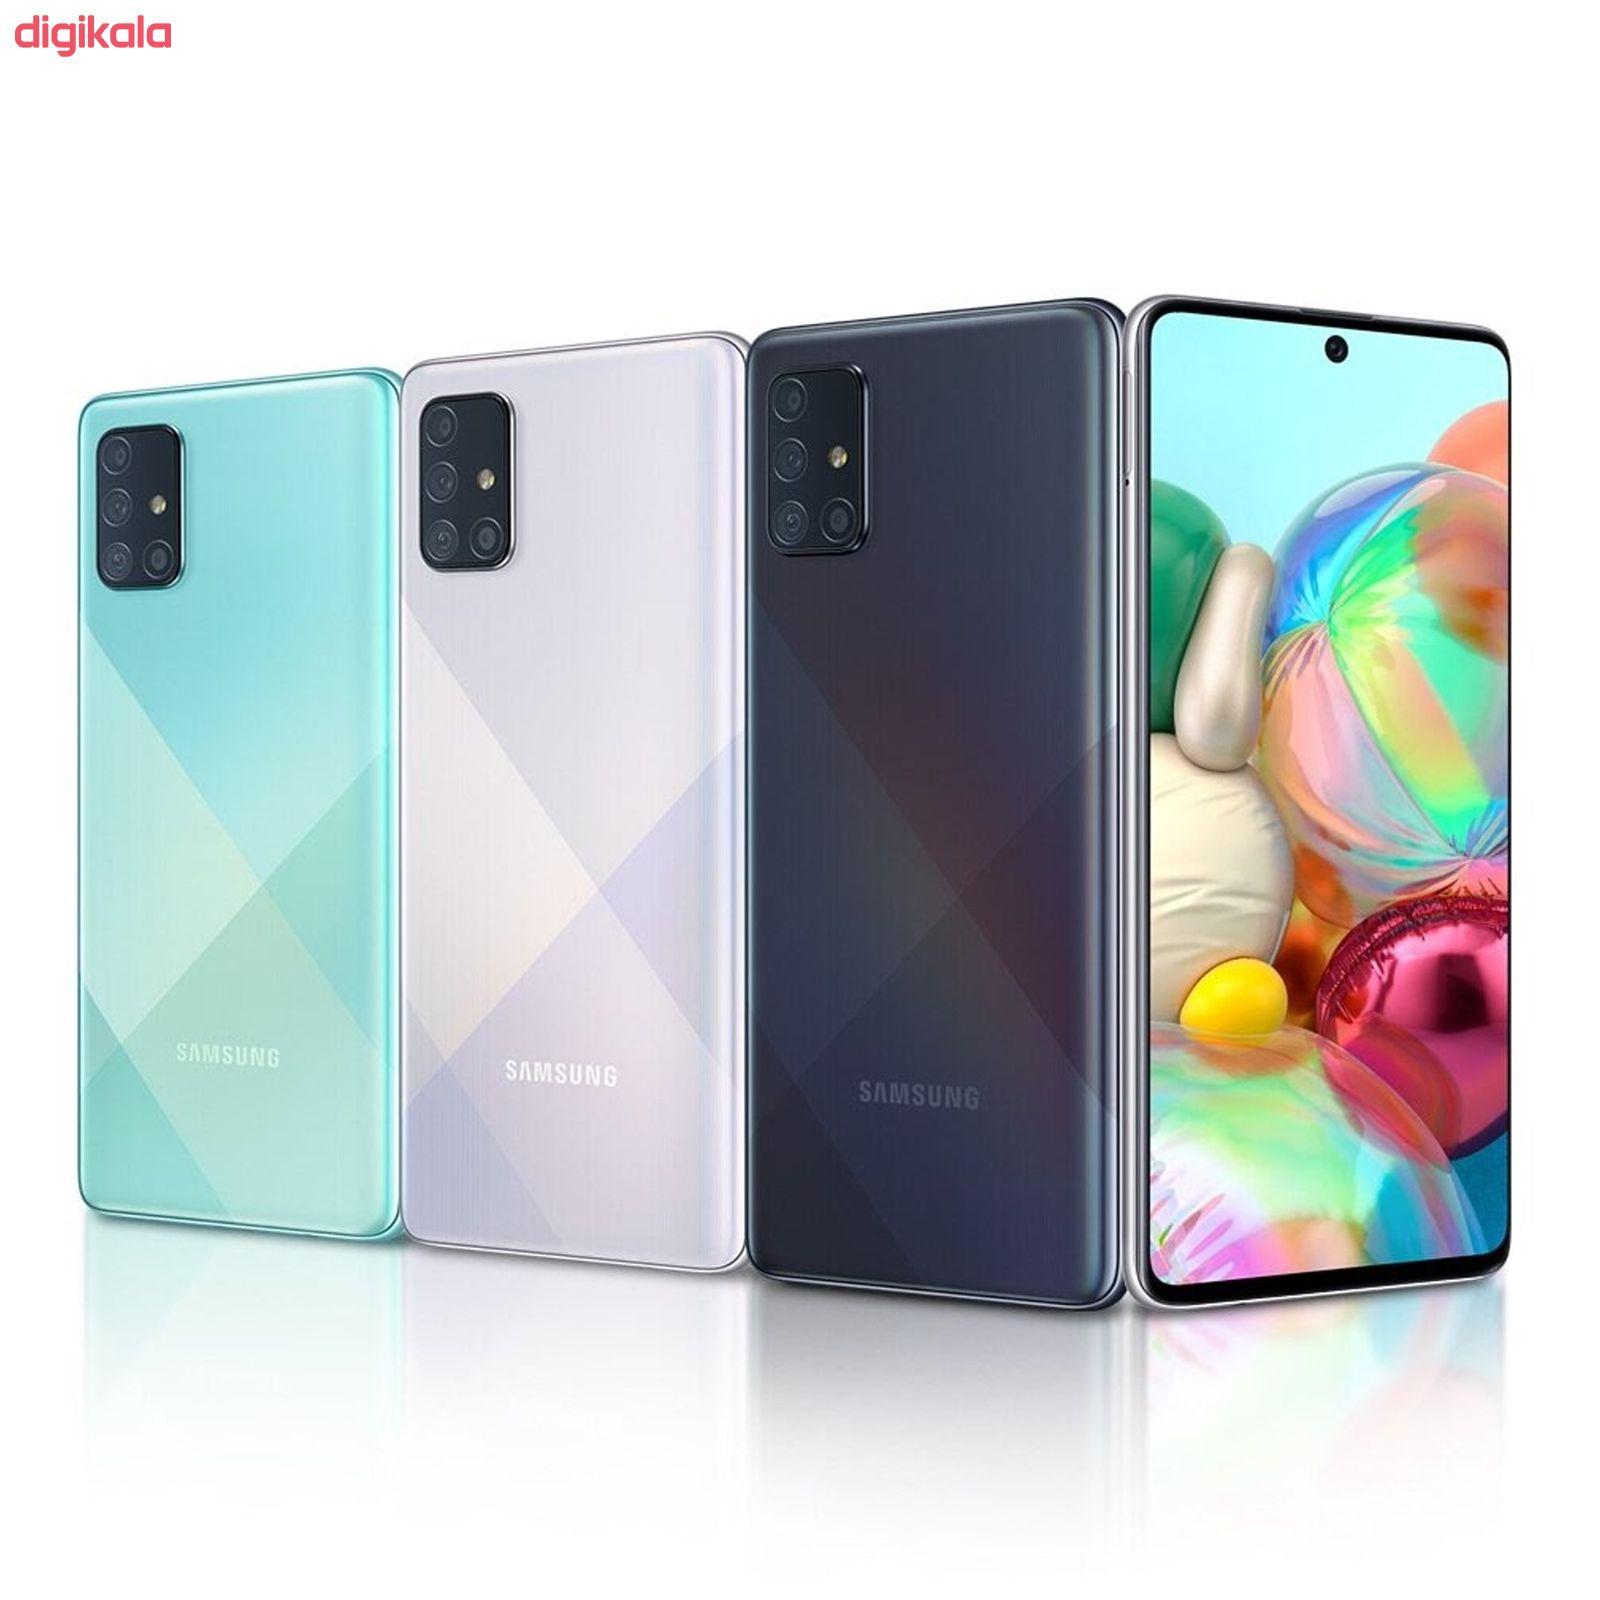 گوشی موبایل سامسونگ مدل Galaxy A71 SM-A715F/DS دو سیمکارت ظرفیت 128 گیگابایت همراه با رم 8 گیگابایت main 1 2